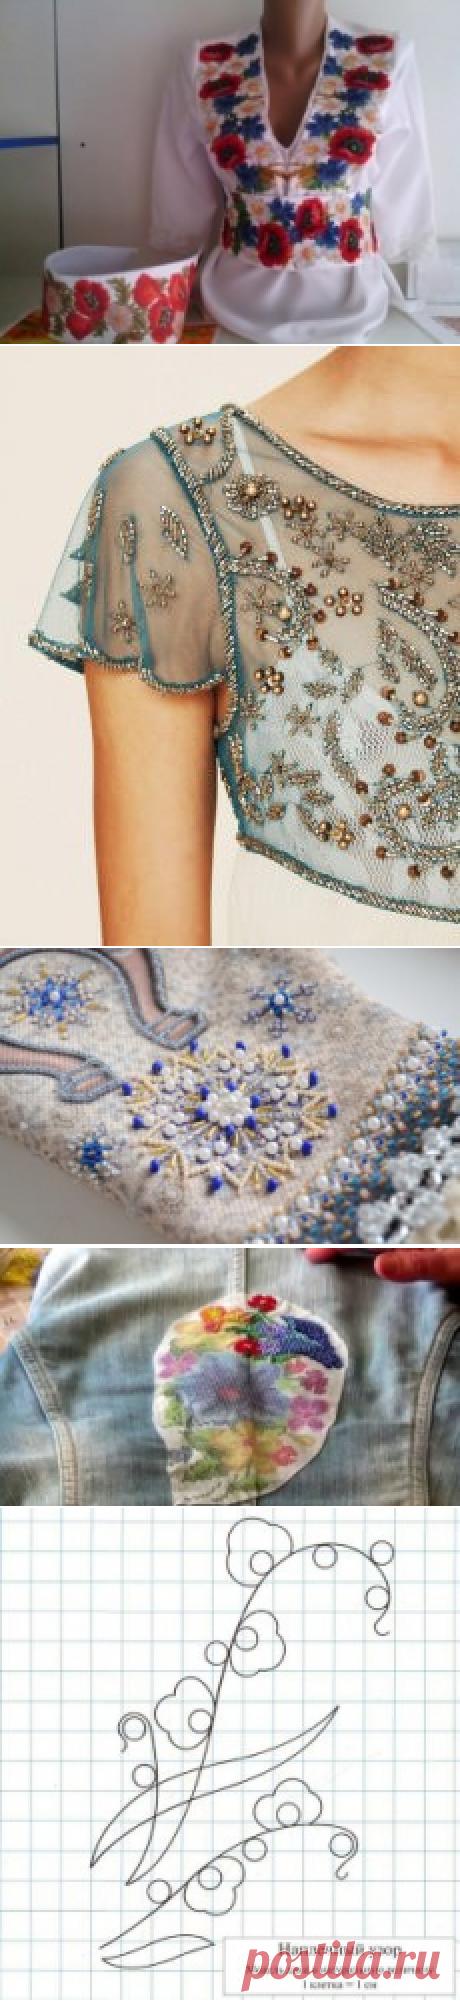 Узоры для вышивки бисером на одежде и украшениях (фото)